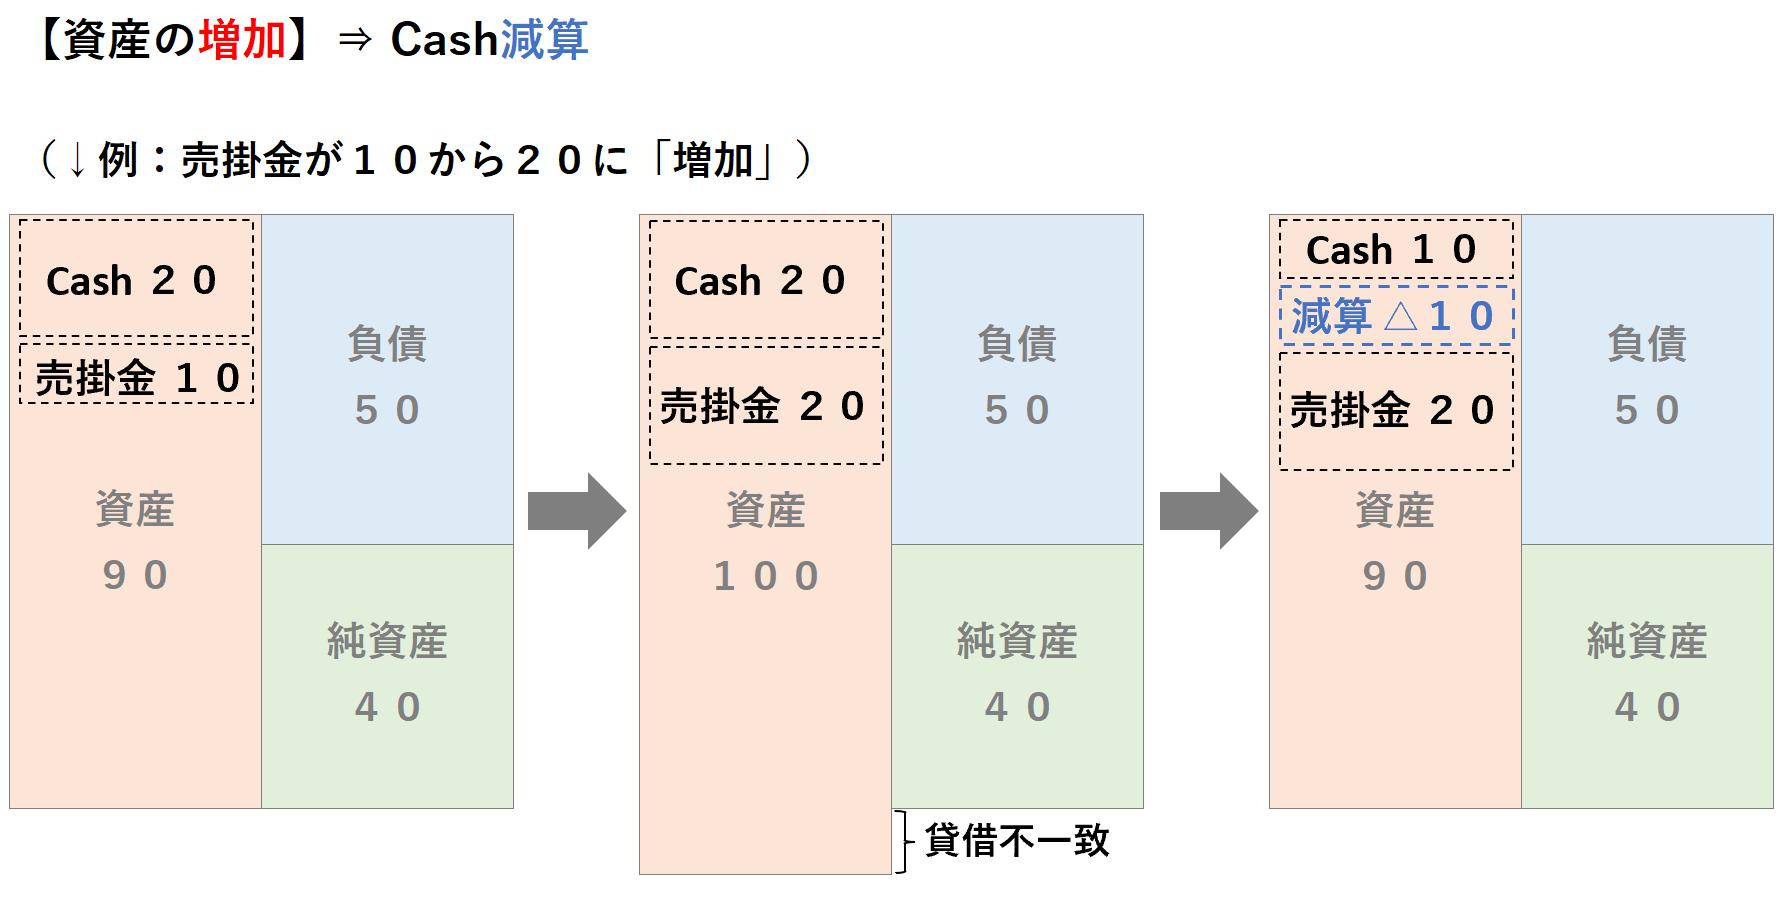 間接法CF:資産の増加、キャッシュの減算